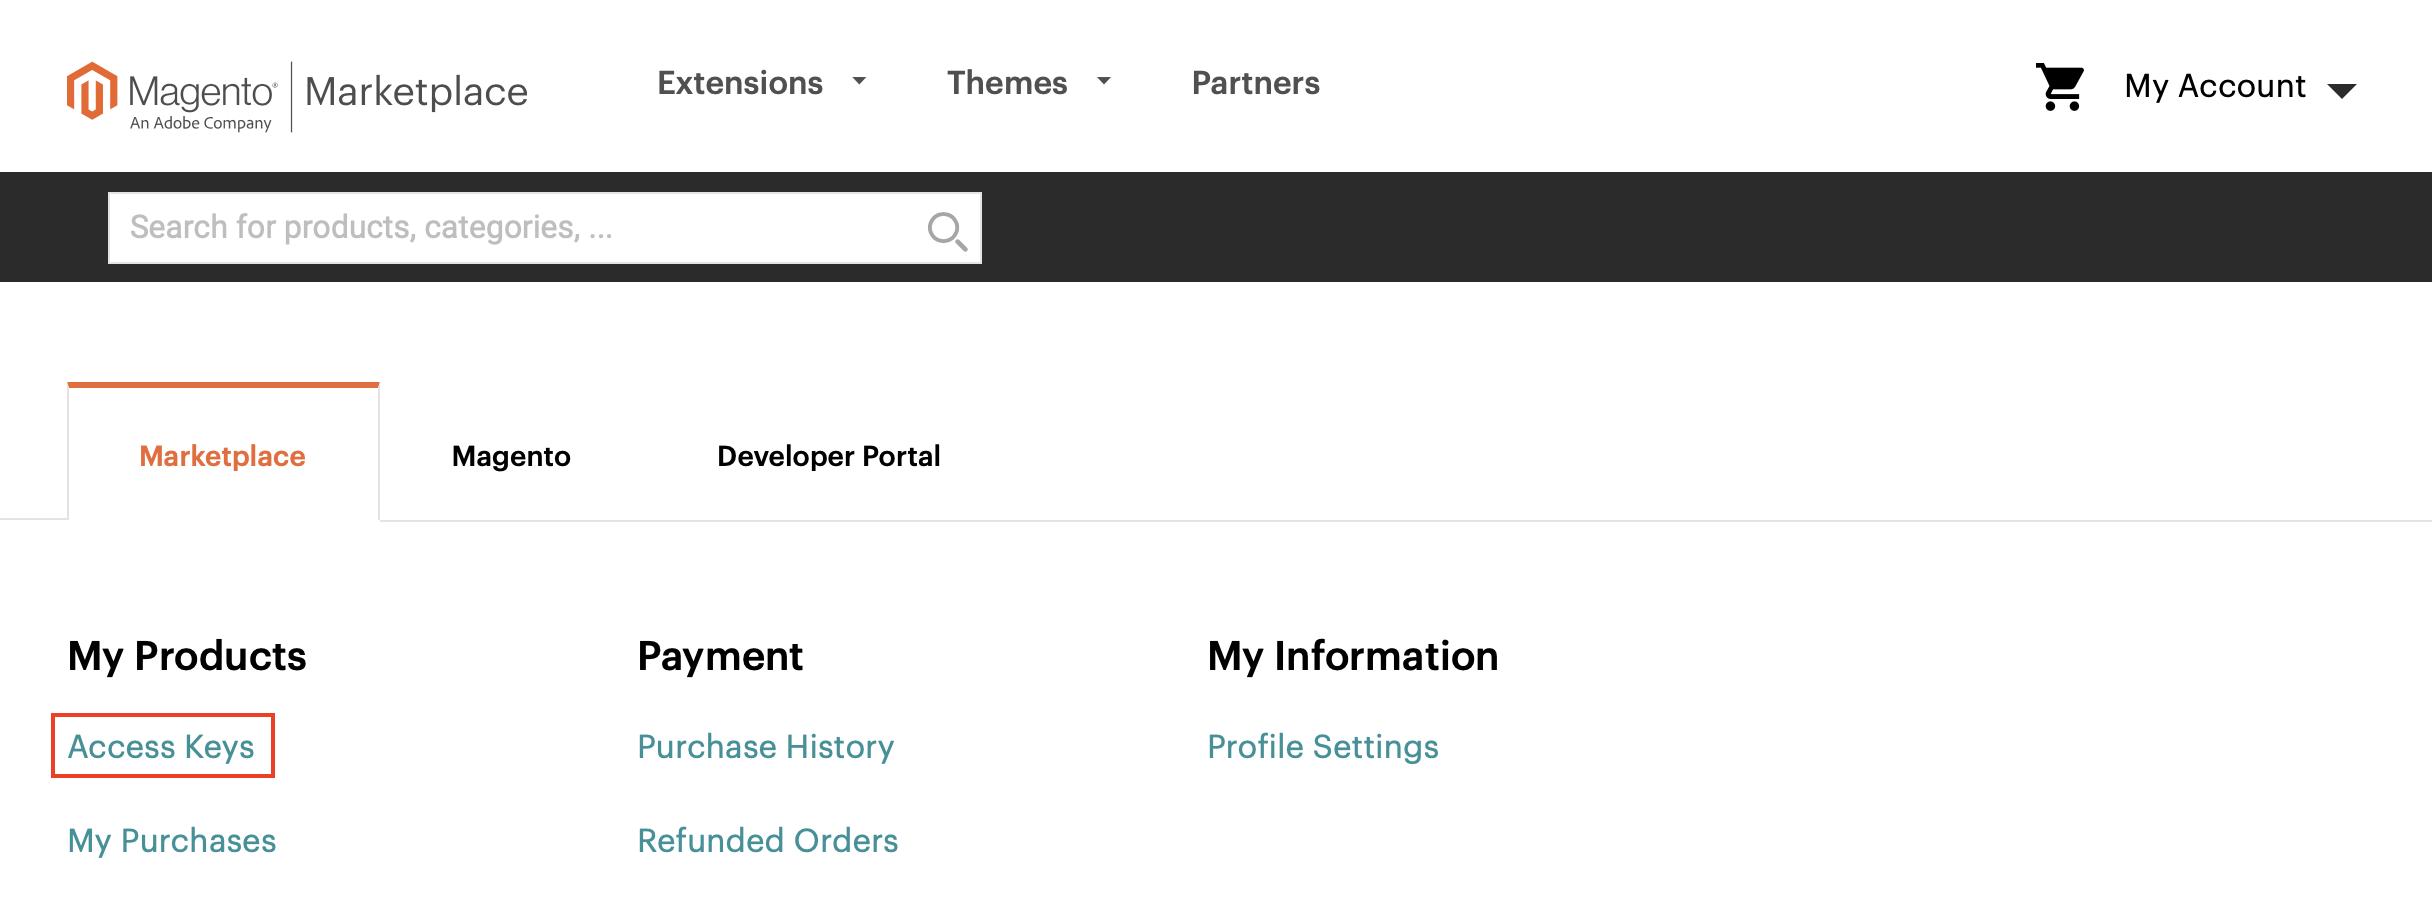 Magento Marketplace Account - Access Keys